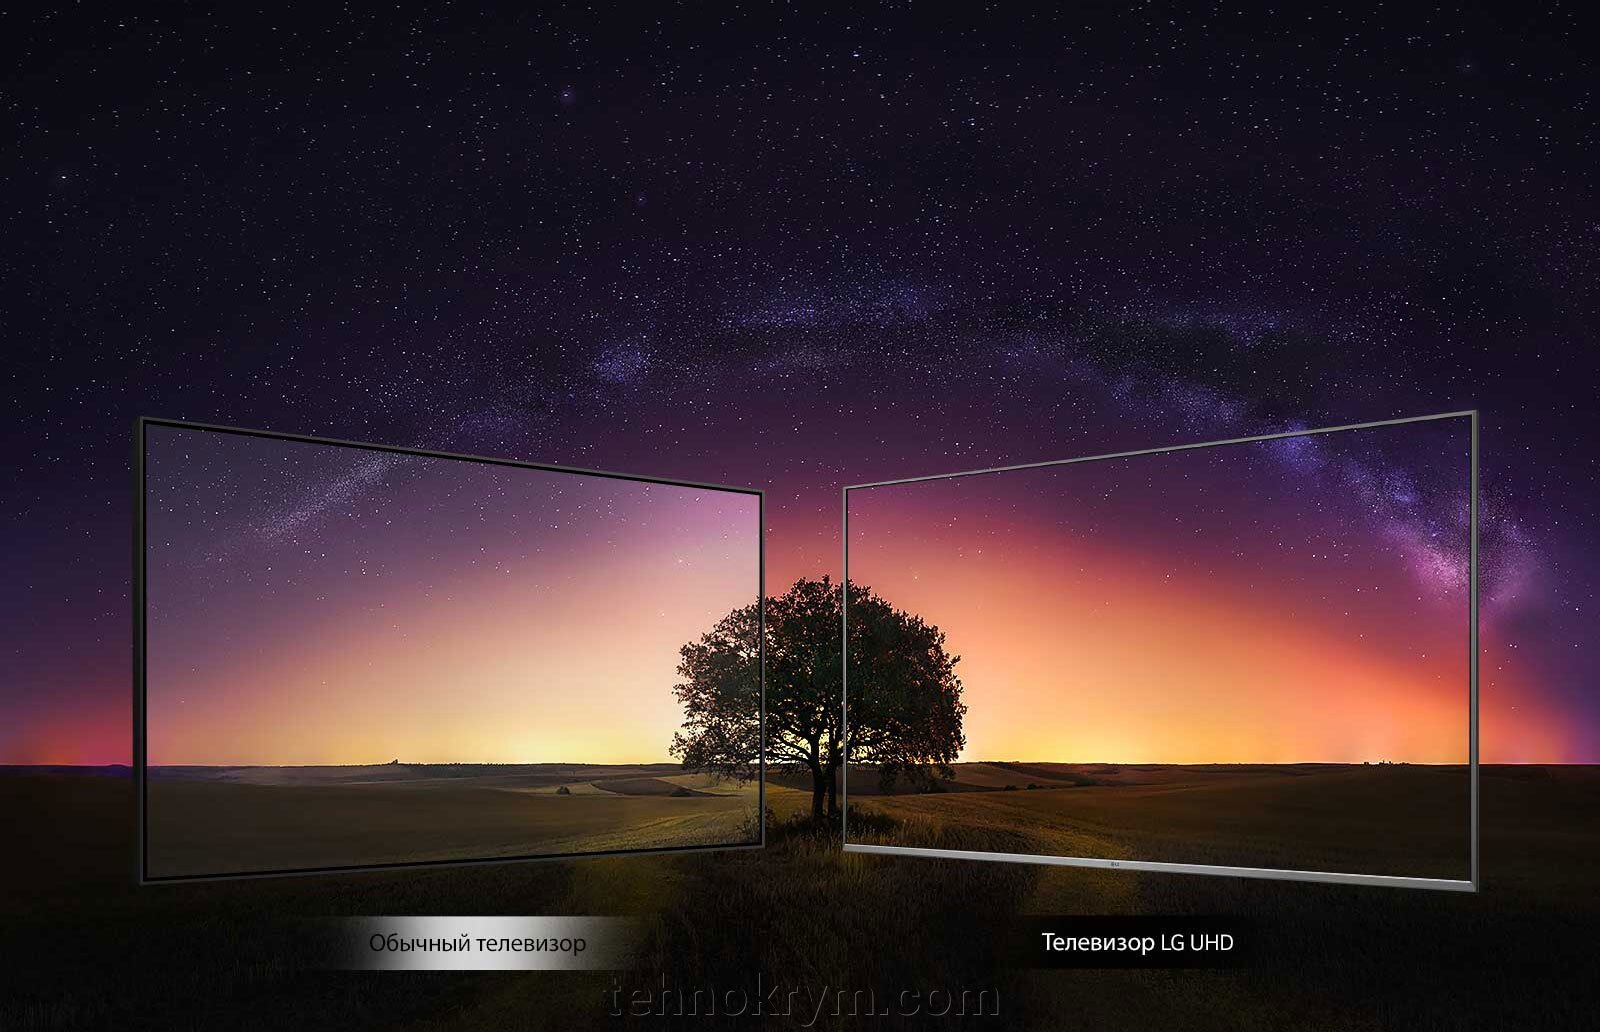 Smart Телевизор LG 49UM7450PLA, Ultra HD 4K, WebOS 4.5 - фото LG 49UM7450